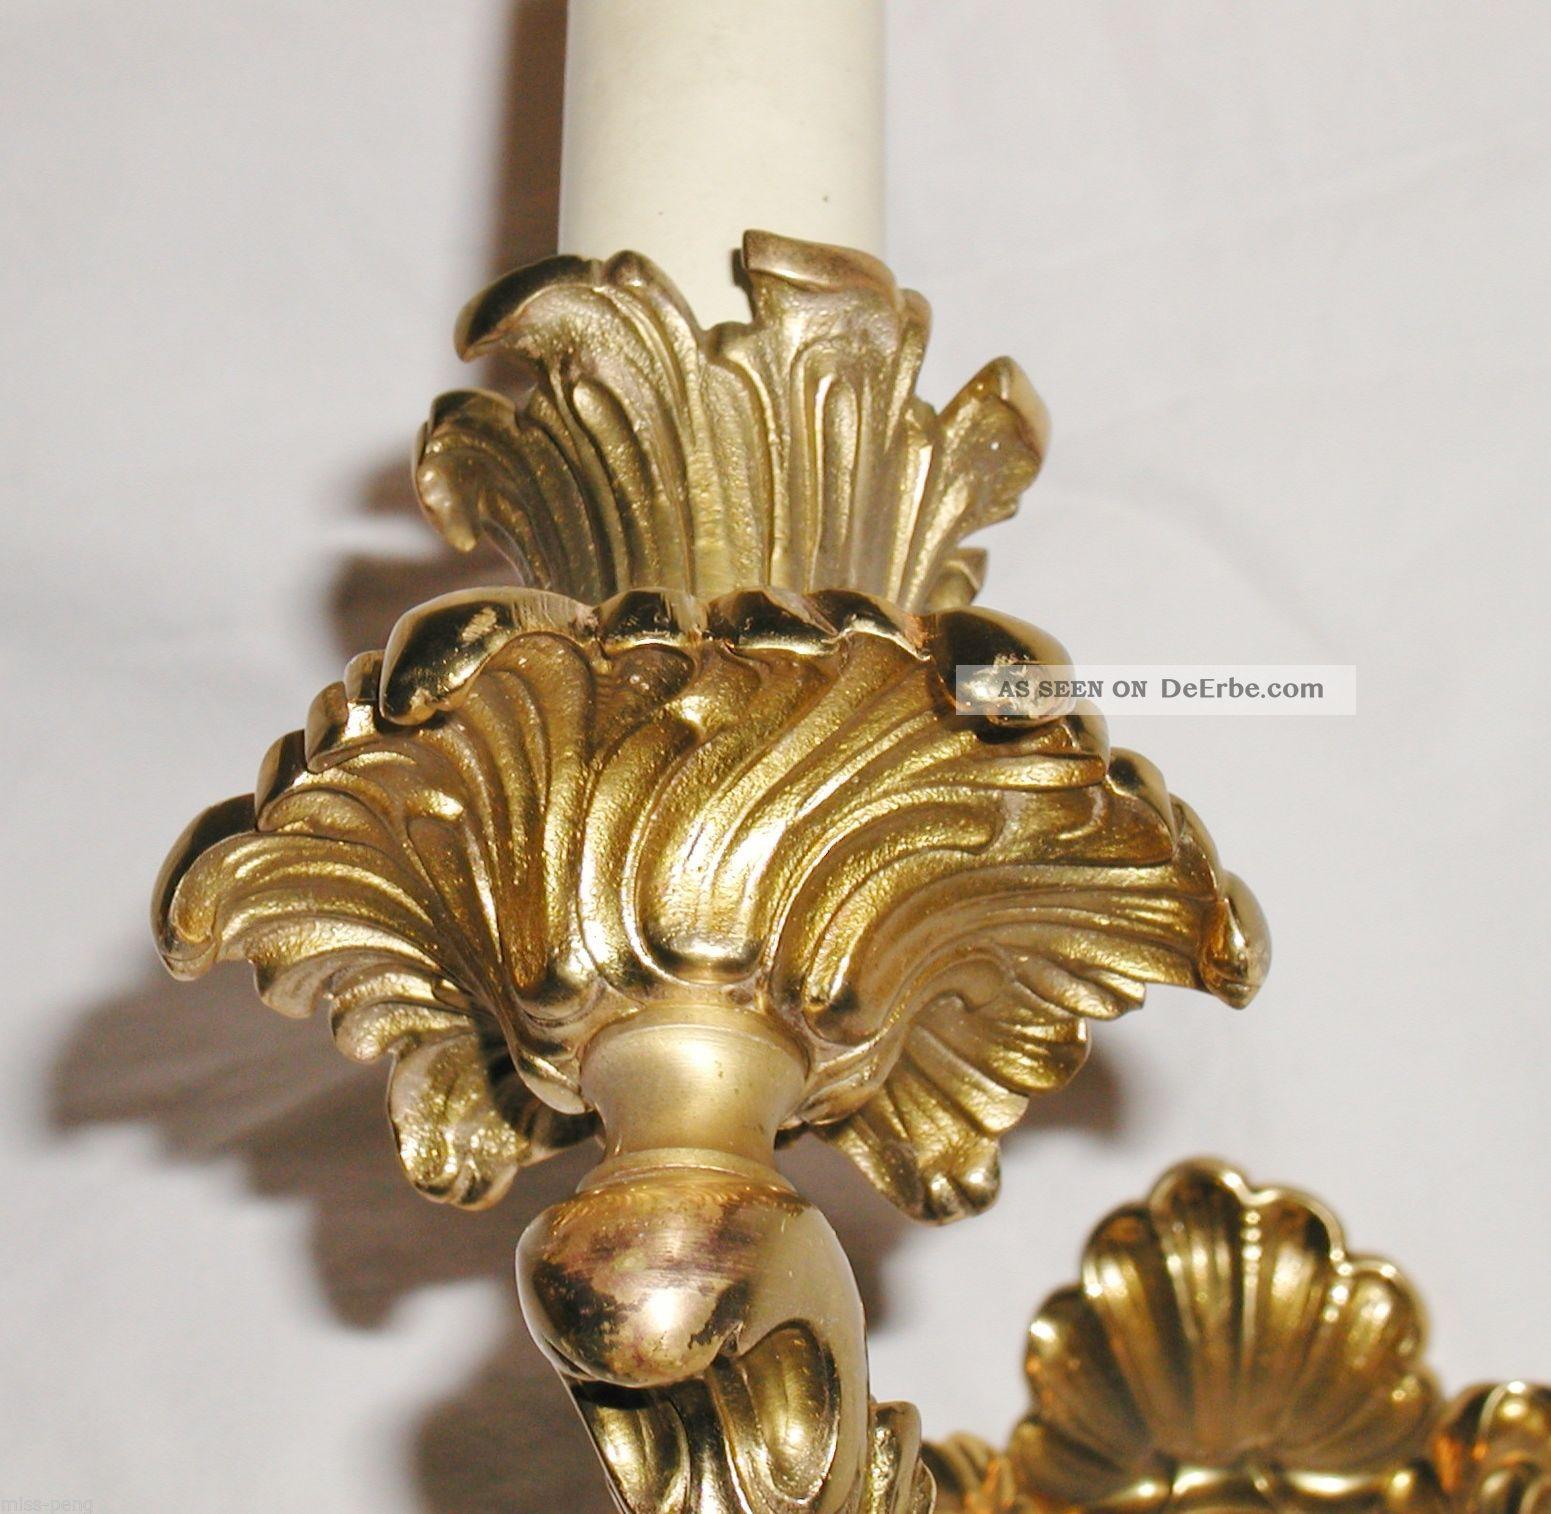 Deckenlampe Aus Holz Cool Messing Bronze Lampe Leuchter: Antike Barock Wandlampe Wandleuchter Leuchter Gold Messing